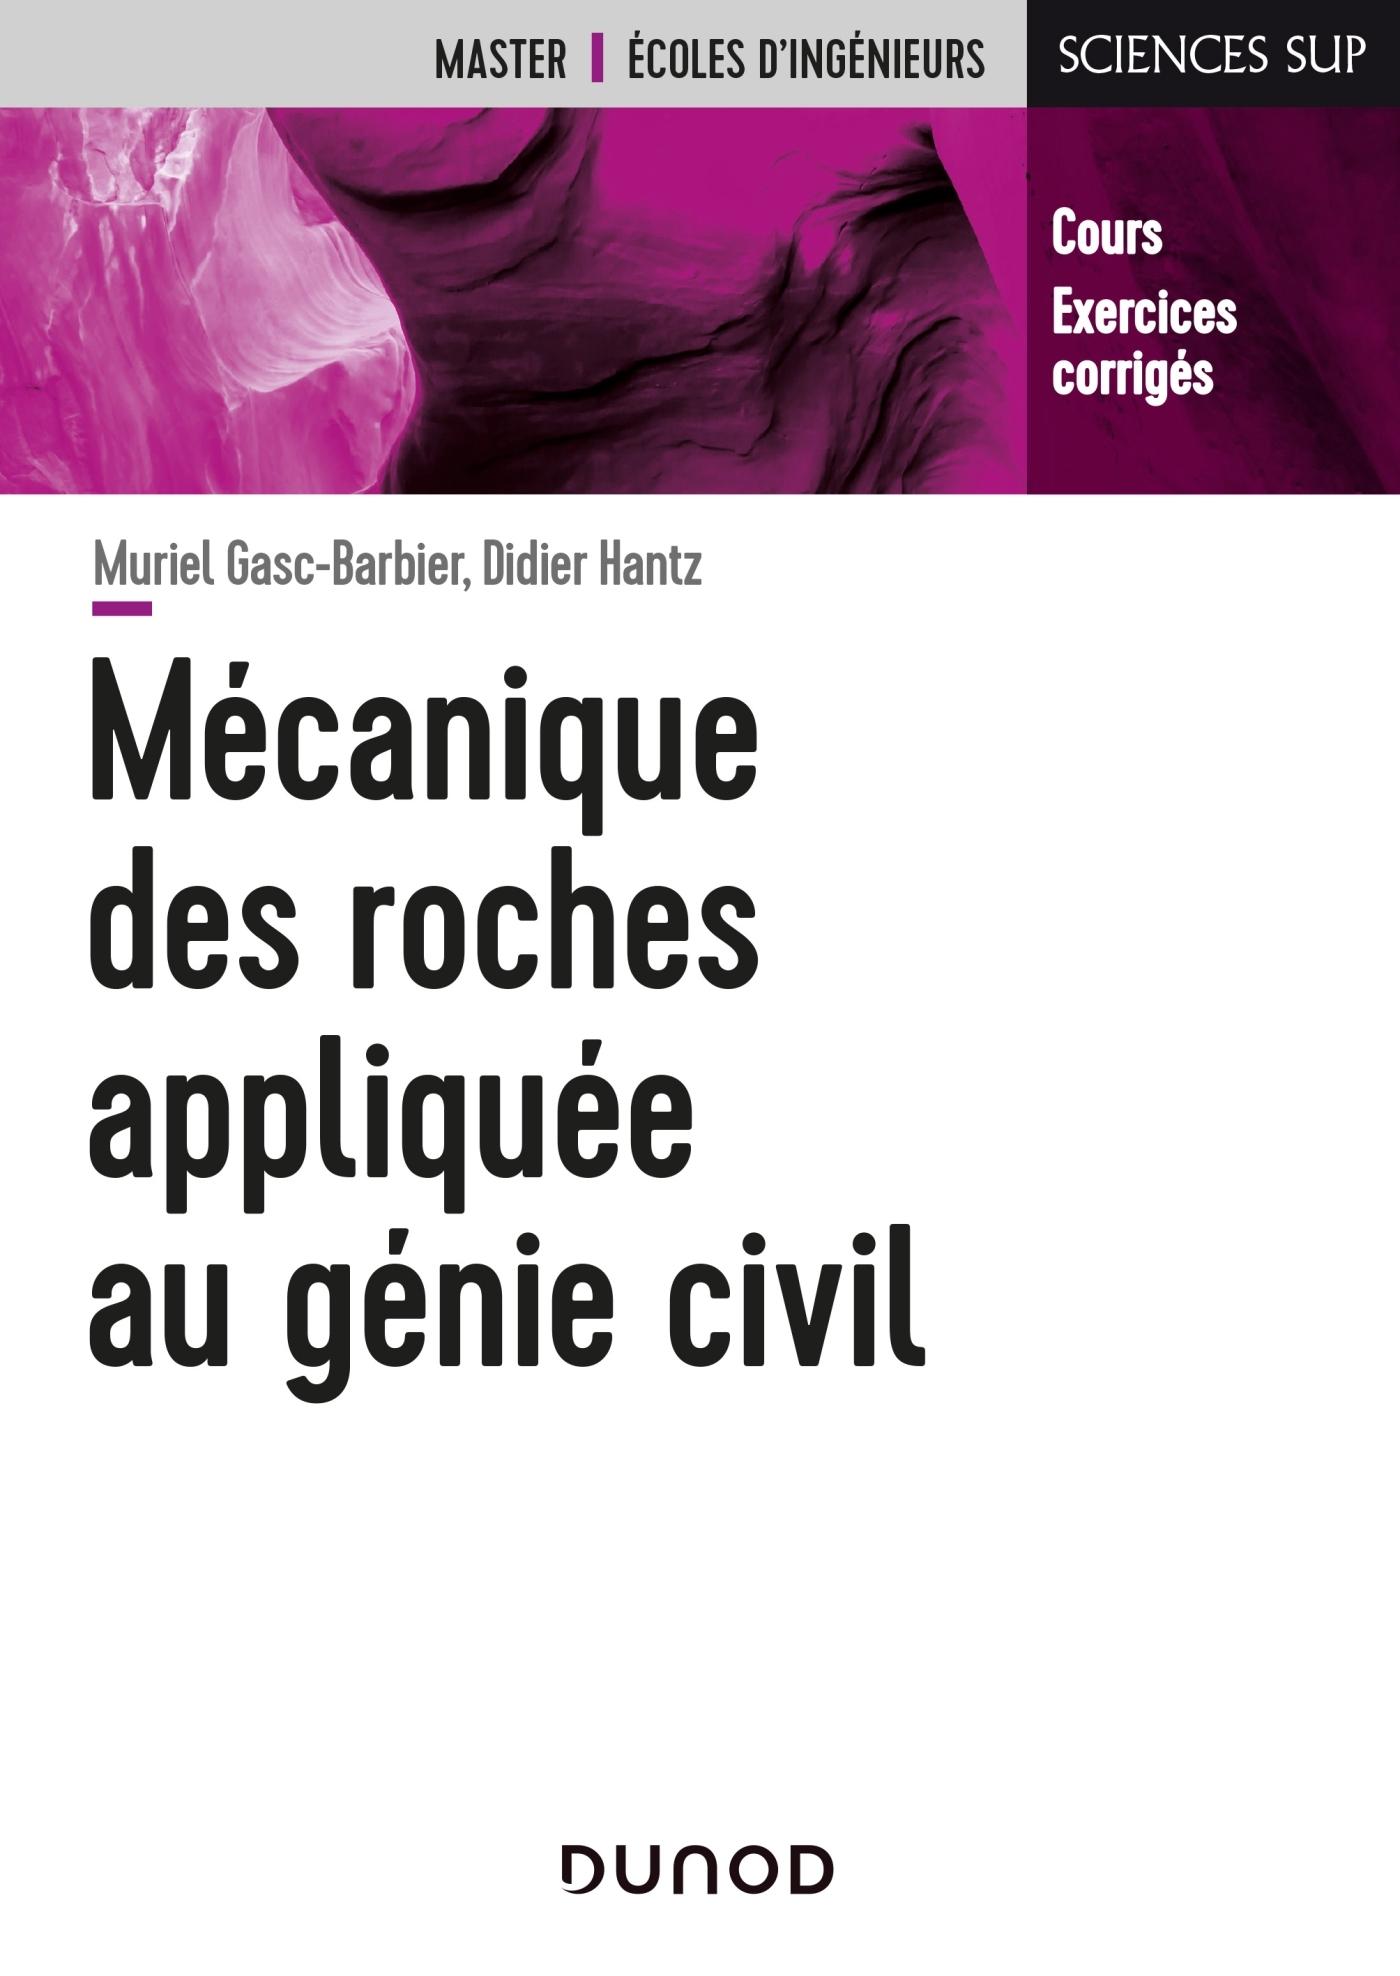 MECANIQUE DES ROCHES APPLIQUEE AU GENIE CIVIL - COURS ET EXERCICES CORRIGES